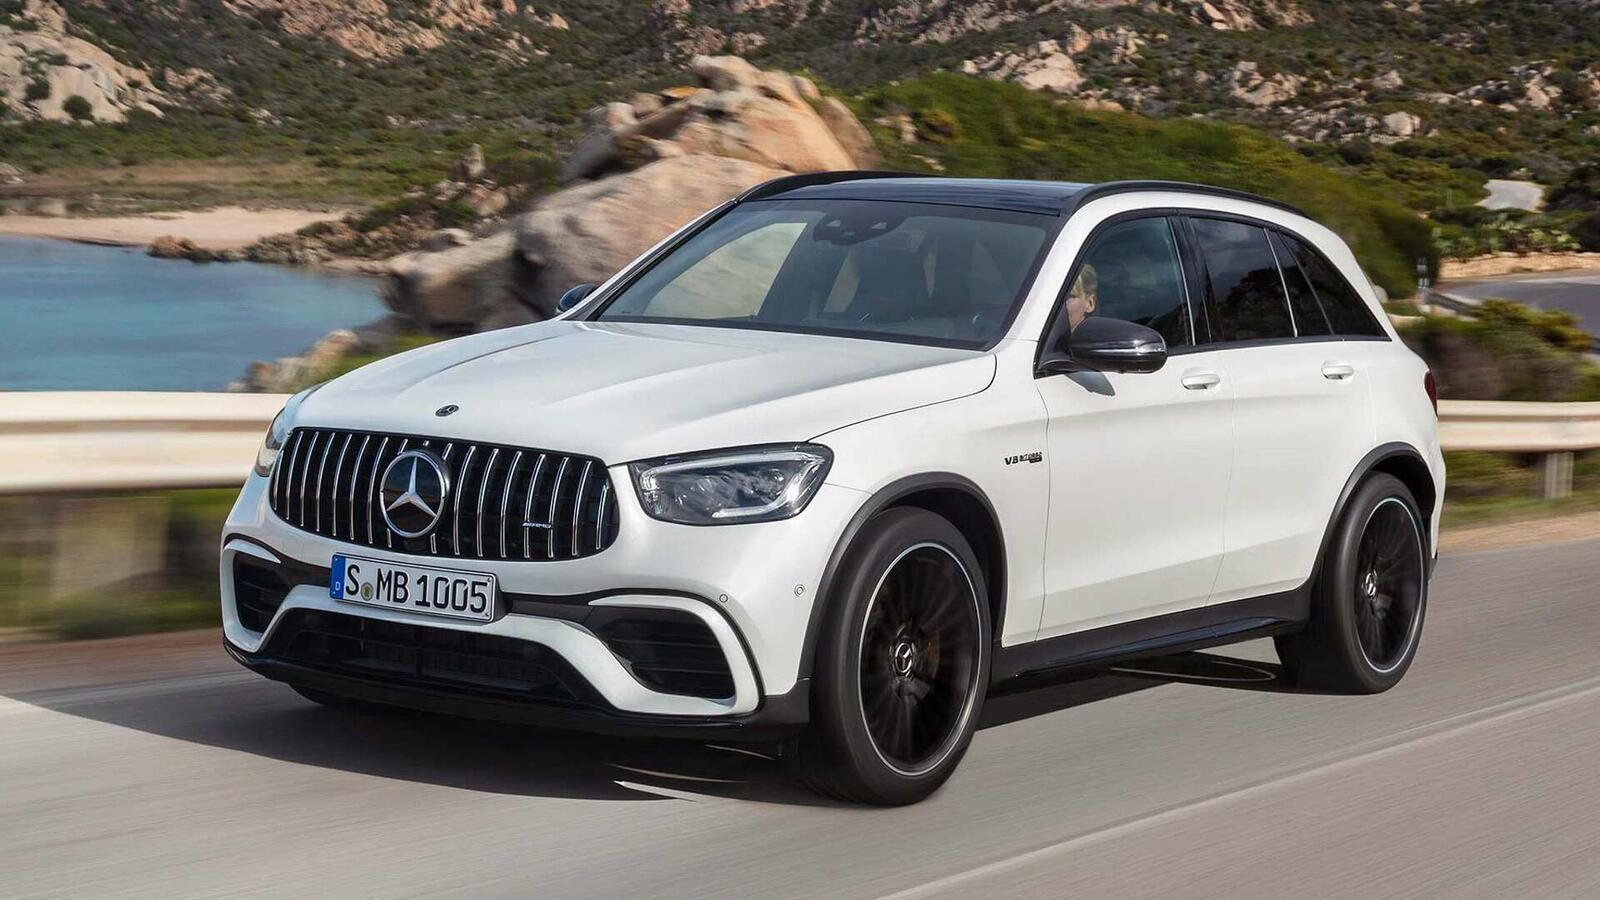 Mercedes-AMG giới thiệu GLC và GLC Coupe 63 mới lắp động cơ V8 4.0L Biturbo mạnh hơn 460 mã lực - Hình 1